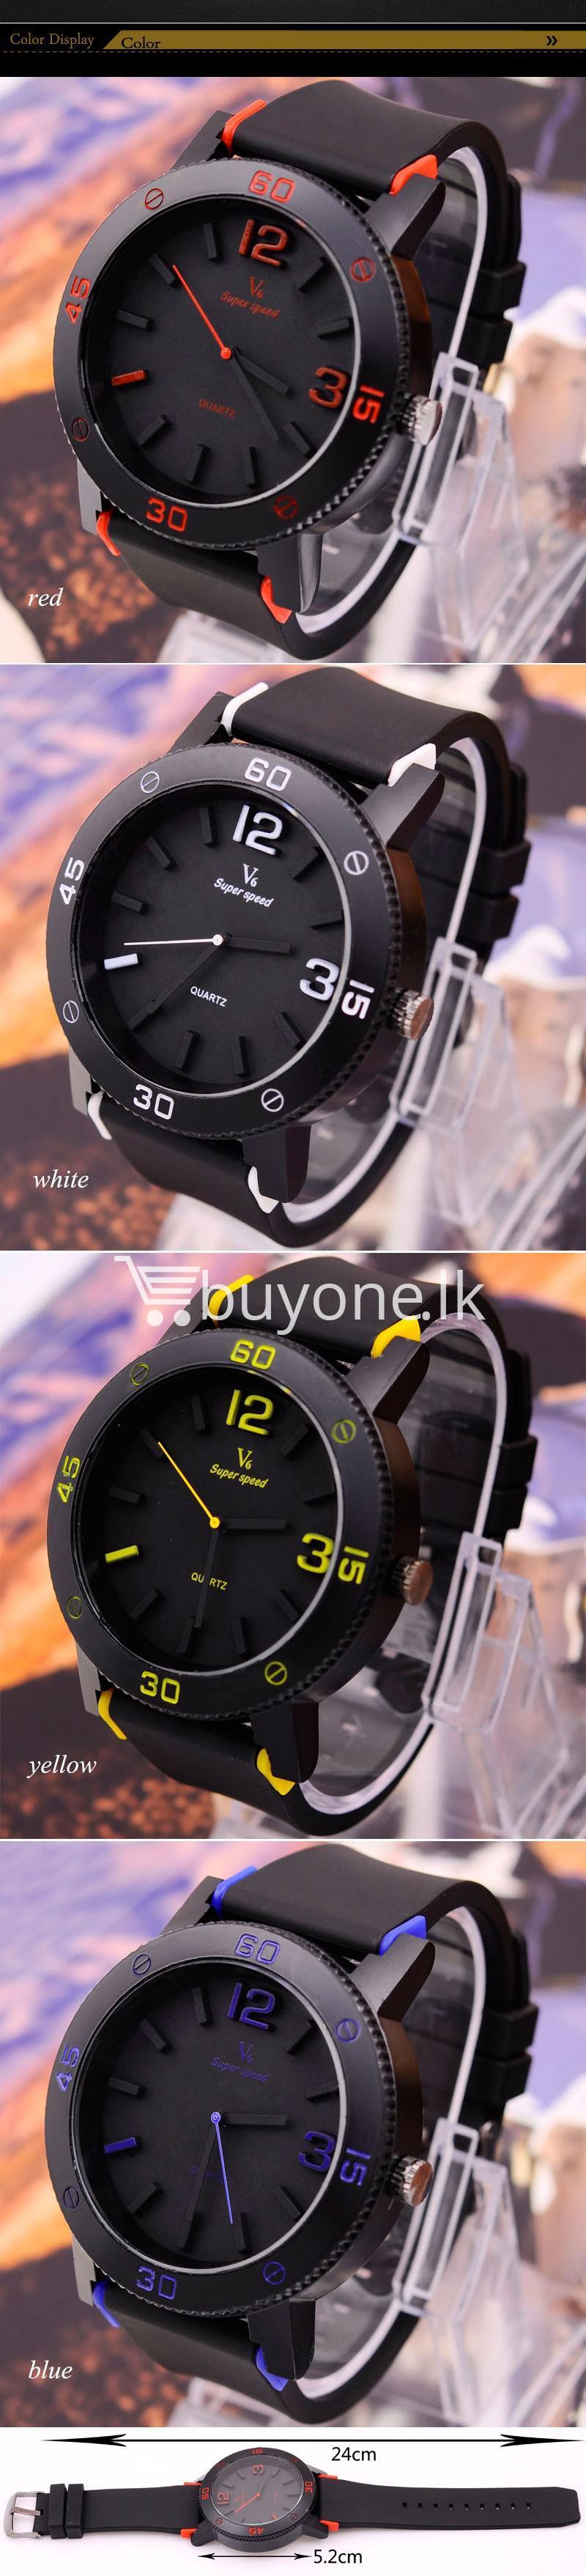 v6 brand fashion quartz sports watches men watches special best offer buy one lk sri lanka 24902 - V6 Brand Fashion Quartz Sports Watches